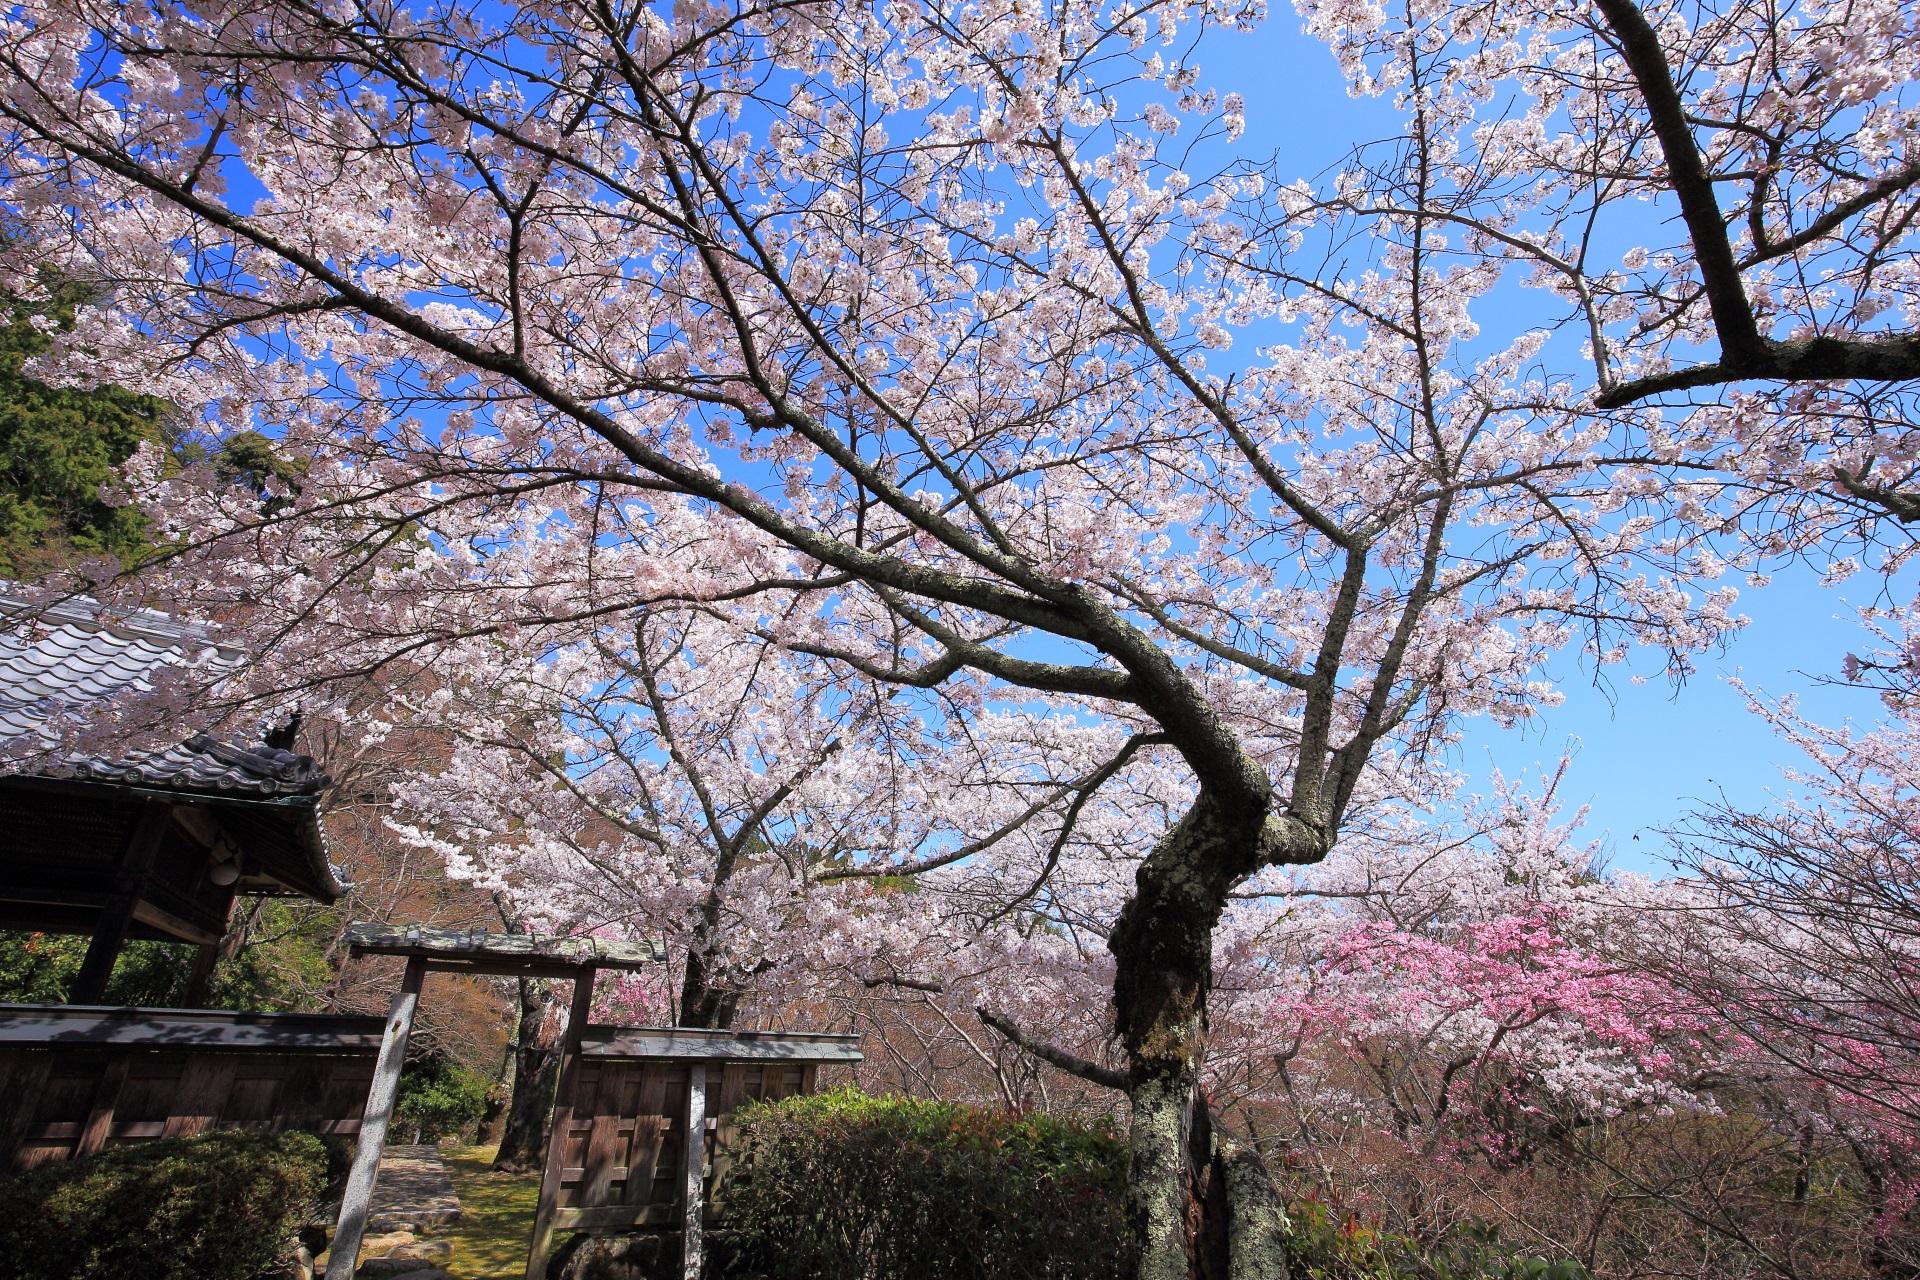 勝持寺の古風な雰囲気の漂う桜